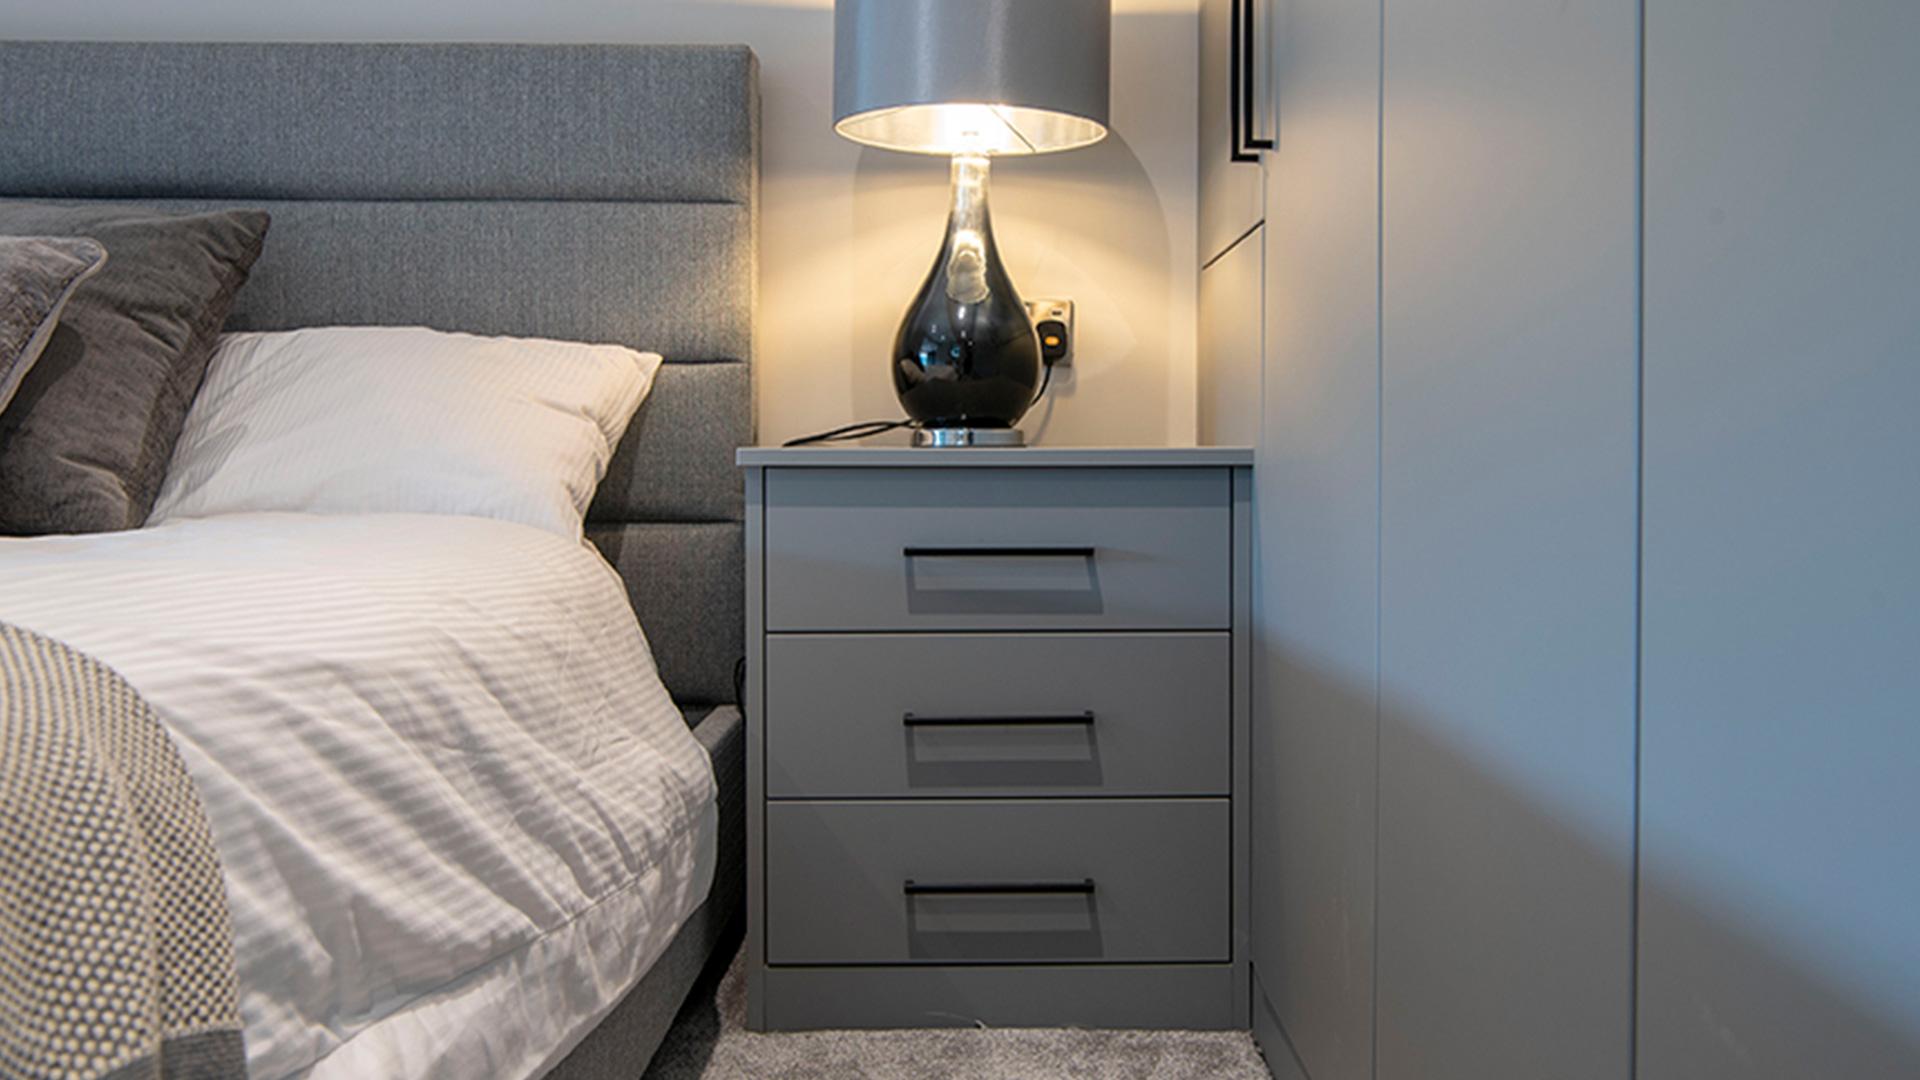 Modern Sliding Bedroom Wardrobes With Bedside Tables